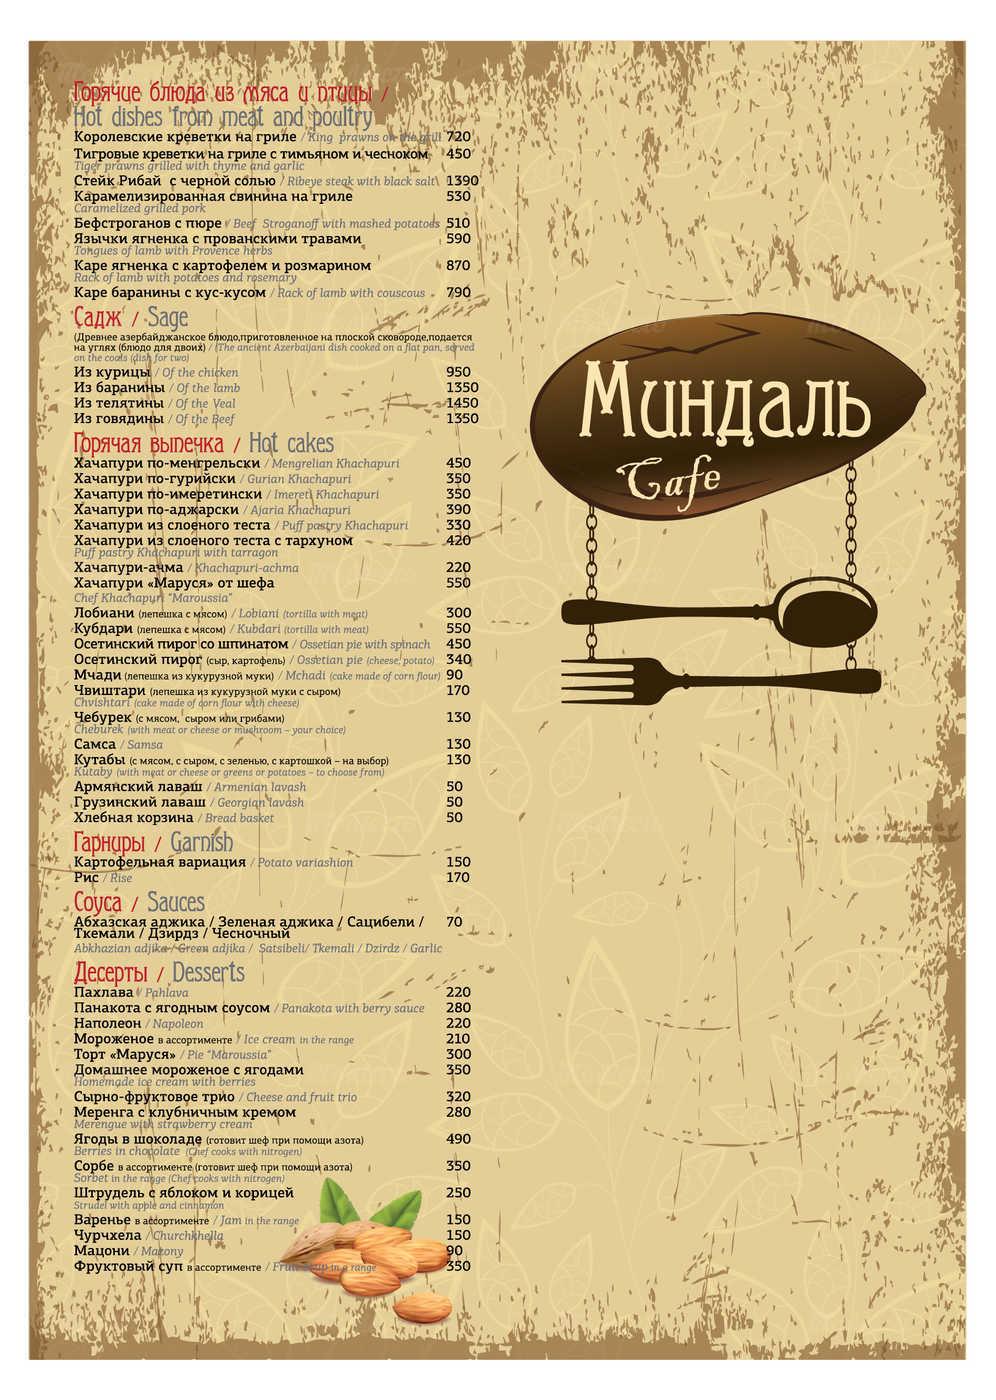 Меню кафе, ресторана Миндаль (Mindal) на Английской набережной